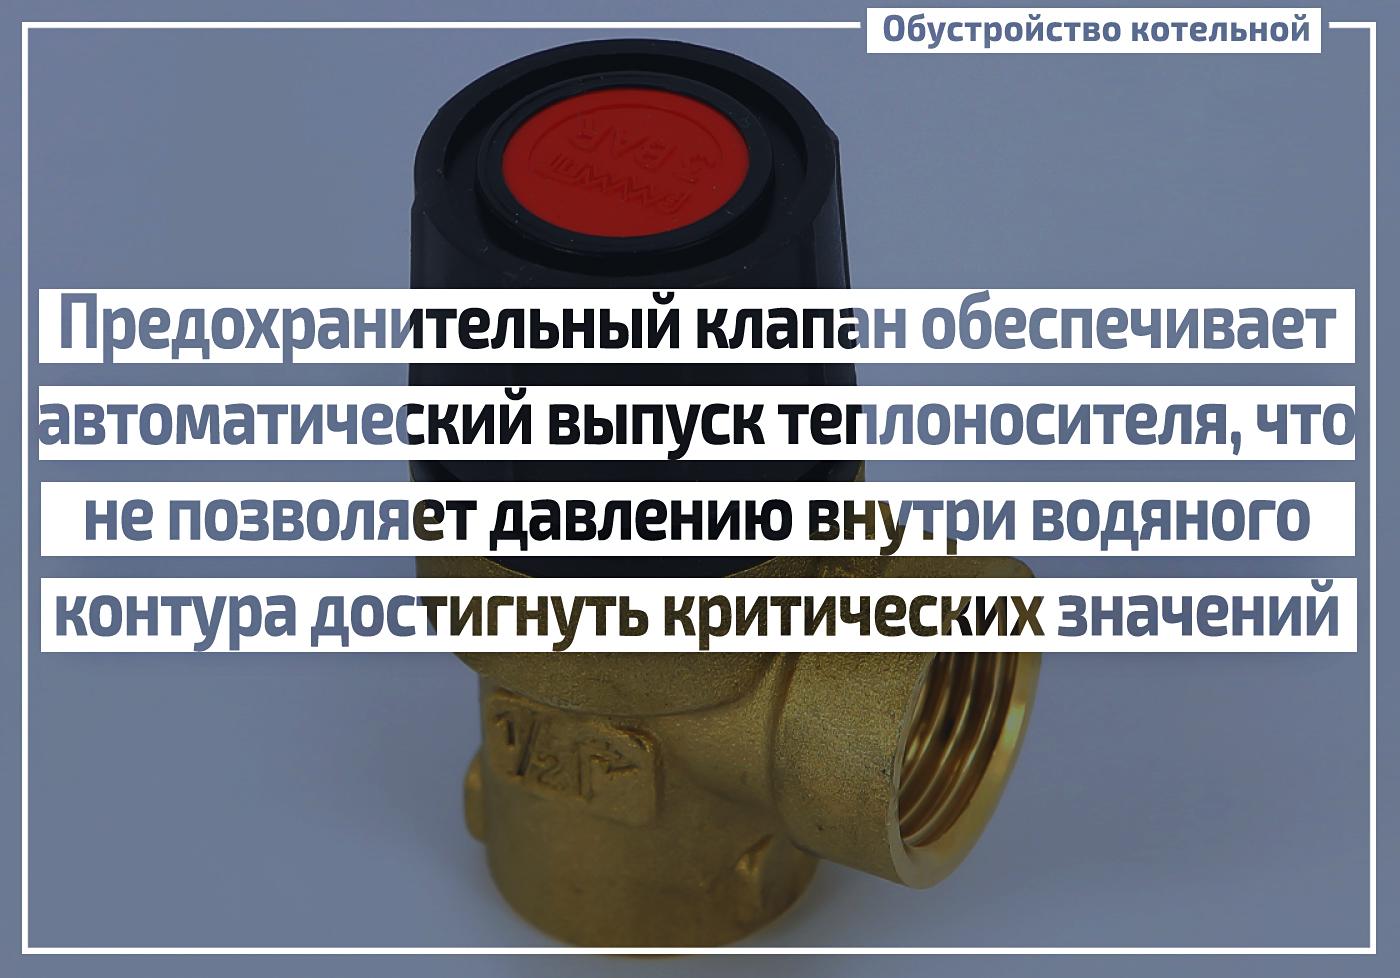 Предохранительный клапан для котла